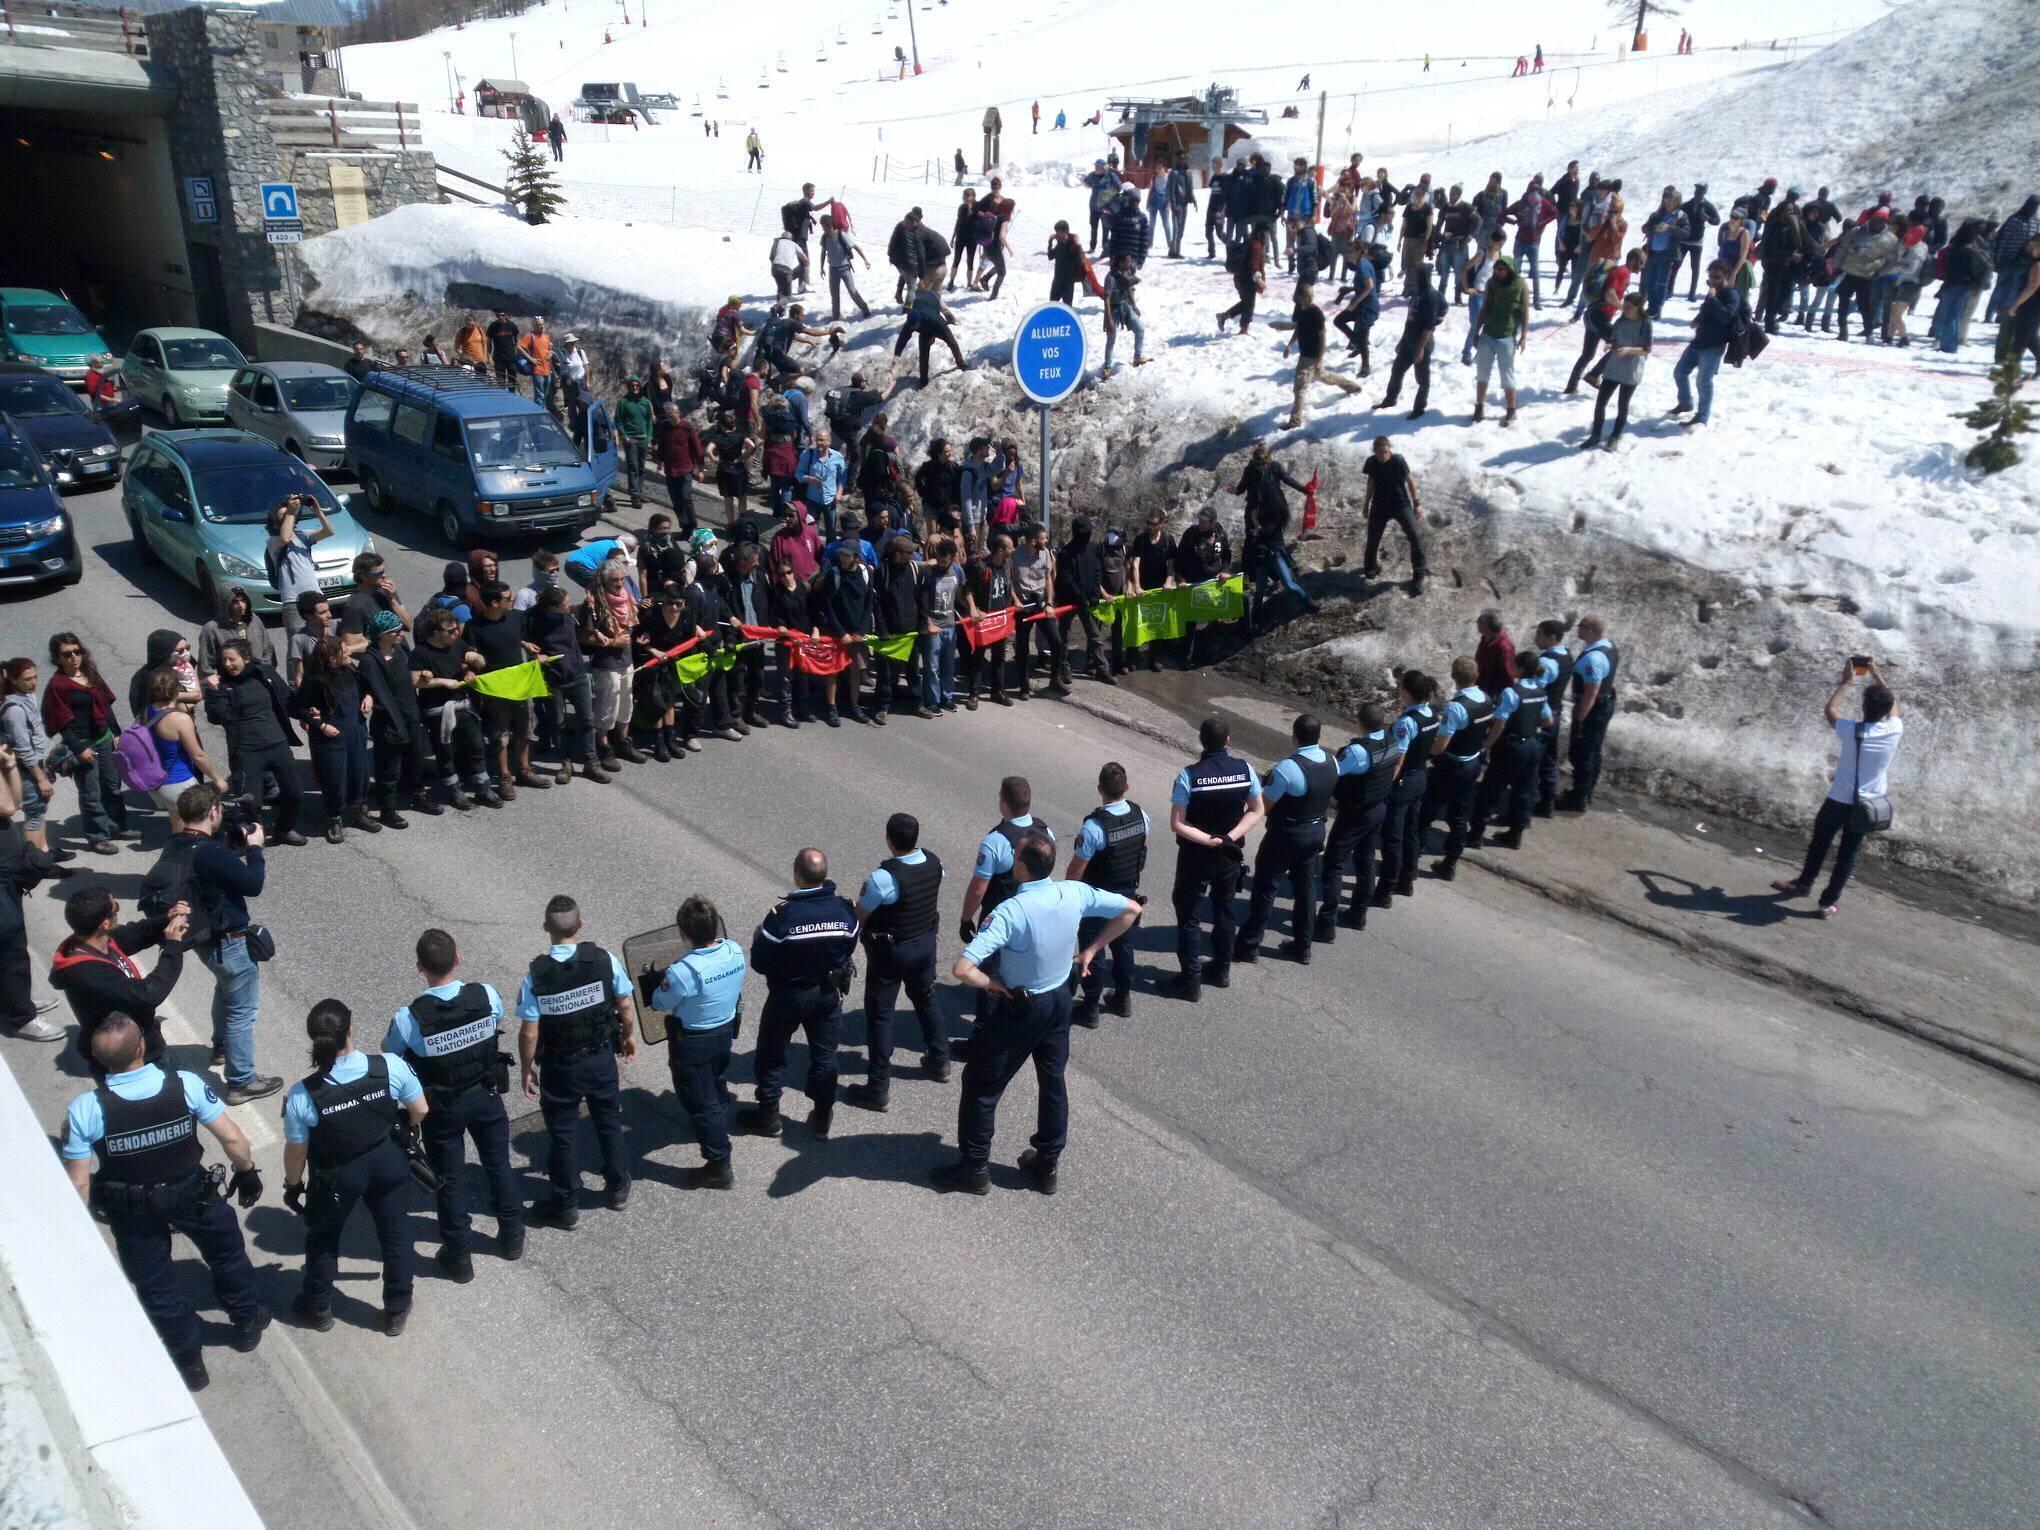 """ناشطون أثناء """"عبور التضامن"""" أمام طوق أمني في مونجنيفر الأحد 22 نيسان/أبريل. الصورة: لوكا بيرينو."""